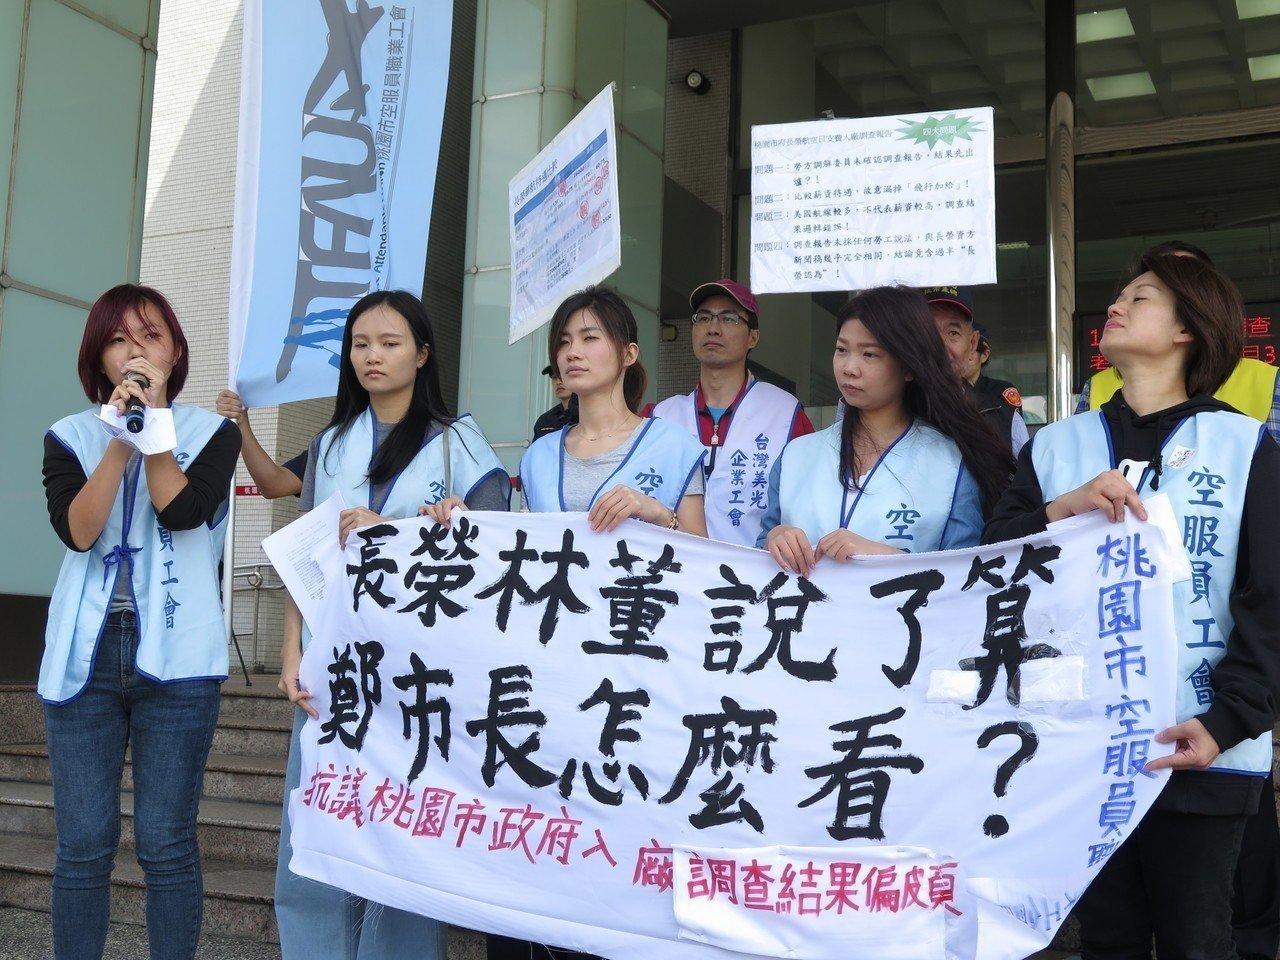 台长荣航空劳资争议空姐罢工 台媒:当局束手无策